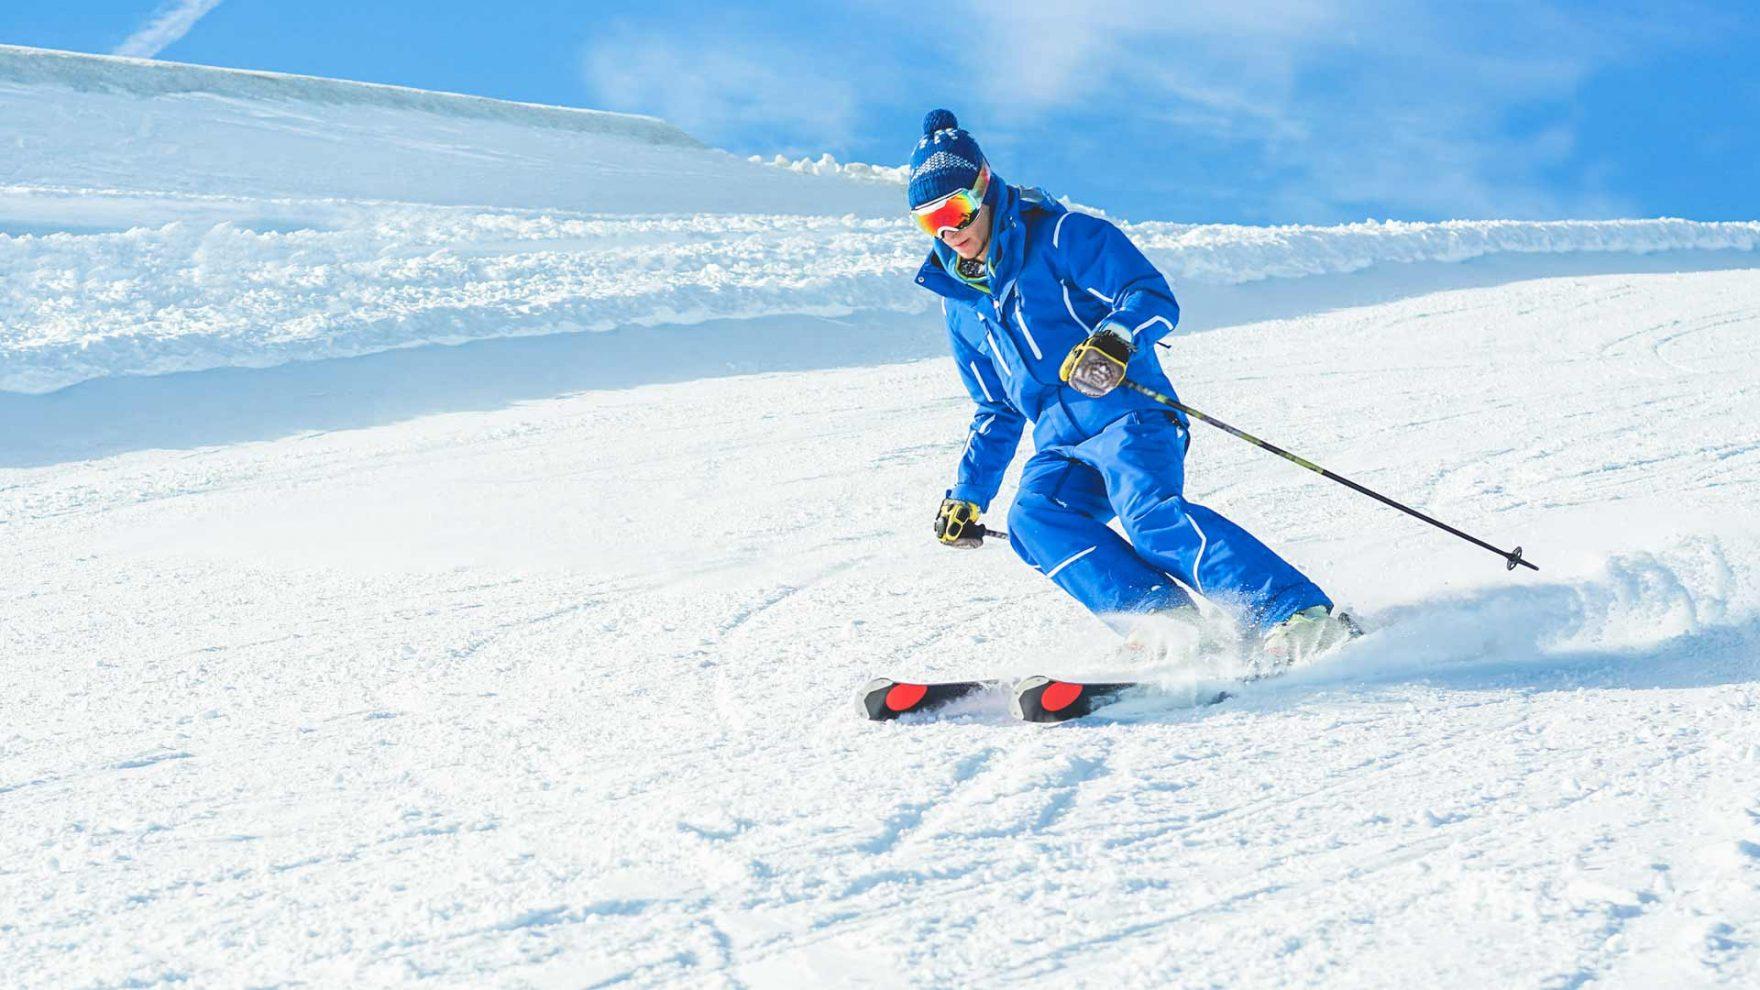 Vacanze invernali a Merano e dintorni - Sciare